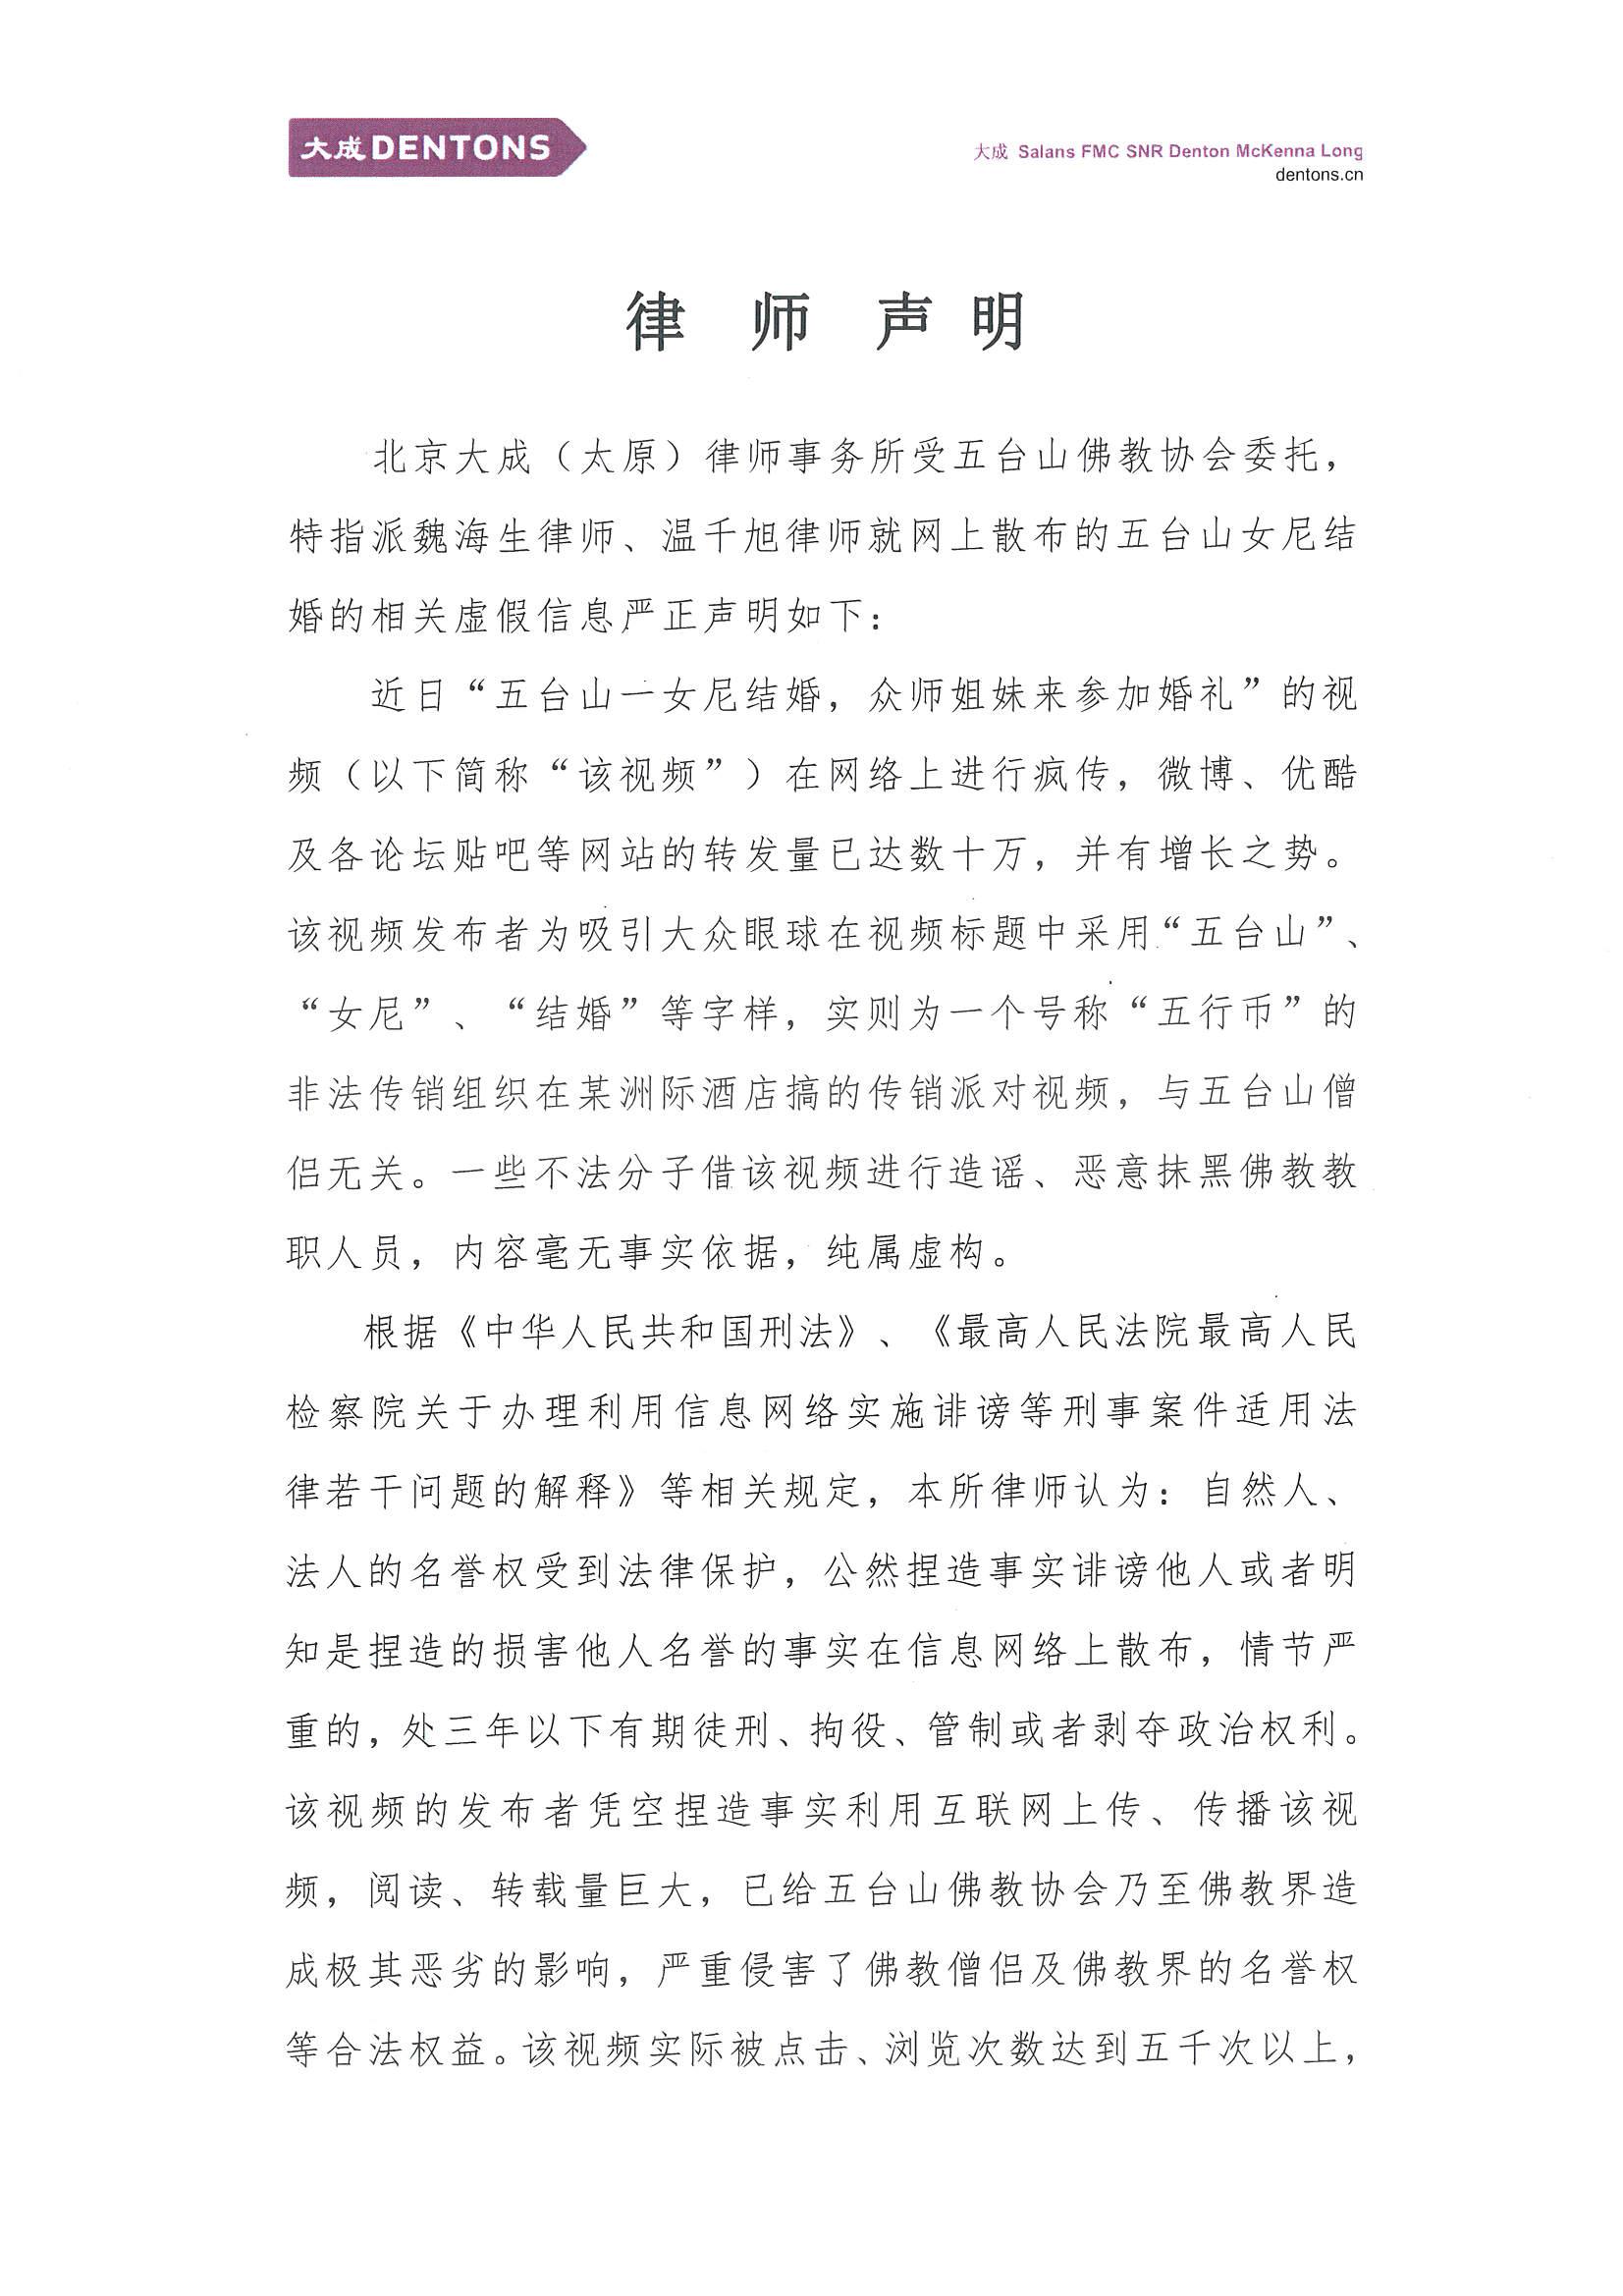 关于五台山女尼结婚视频虚假信息的律师声明+_页面_1.jpg